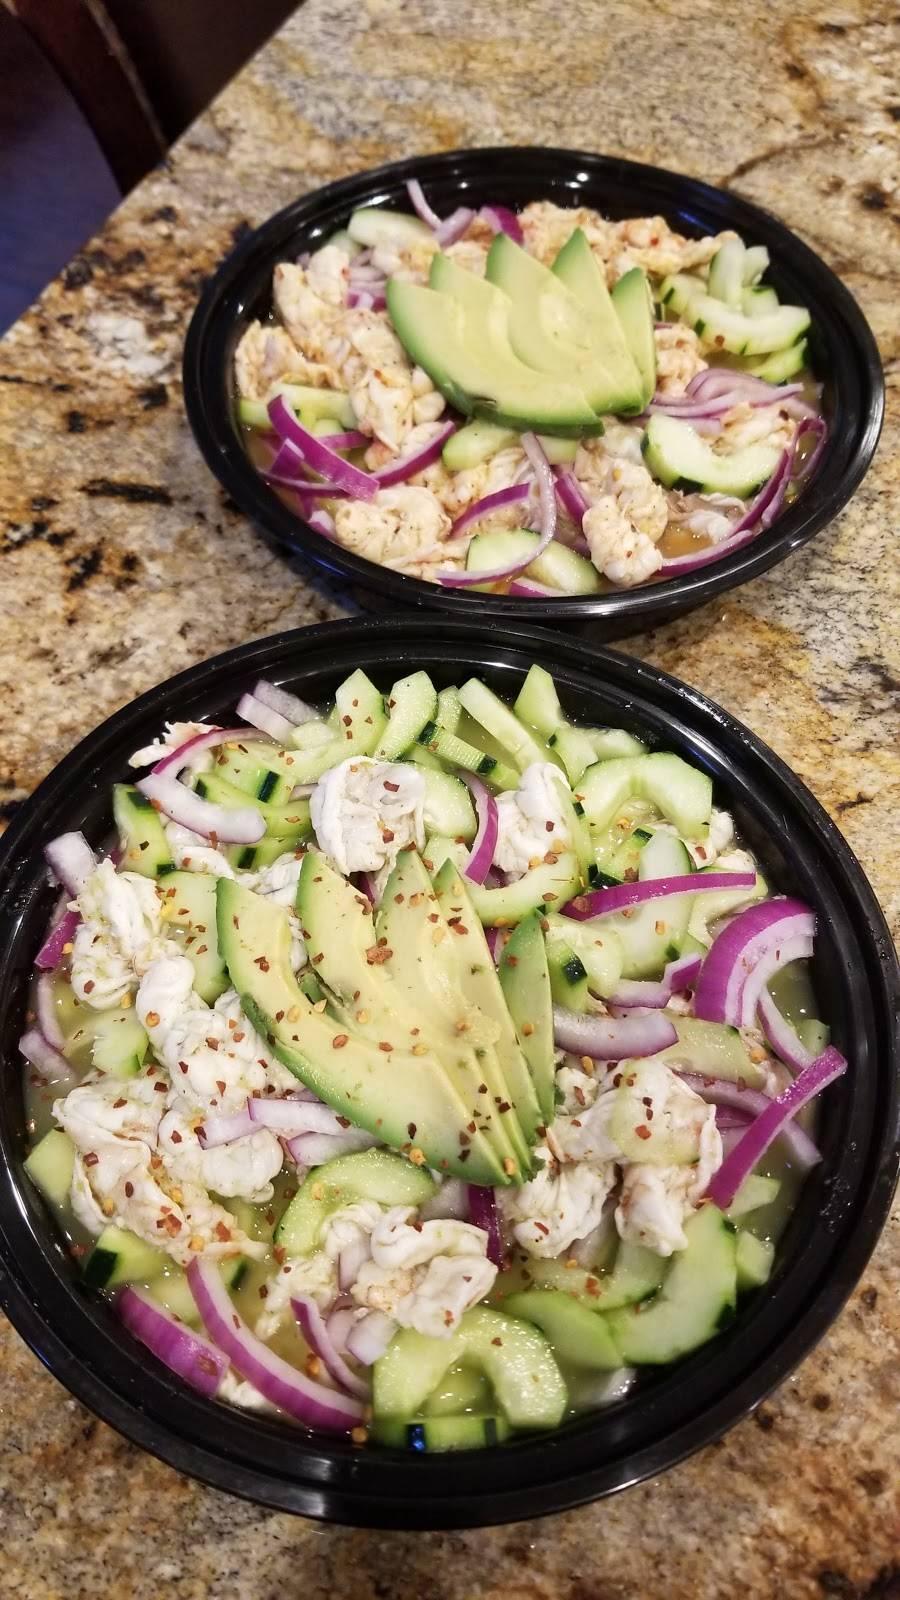 Hijoz de su Madre Mariscos - restaurant  | Photo 9 of 9 | Address: 2497 Riverside Ave, Rialto, CA 92377, USA | Phone: (909) 565-3829